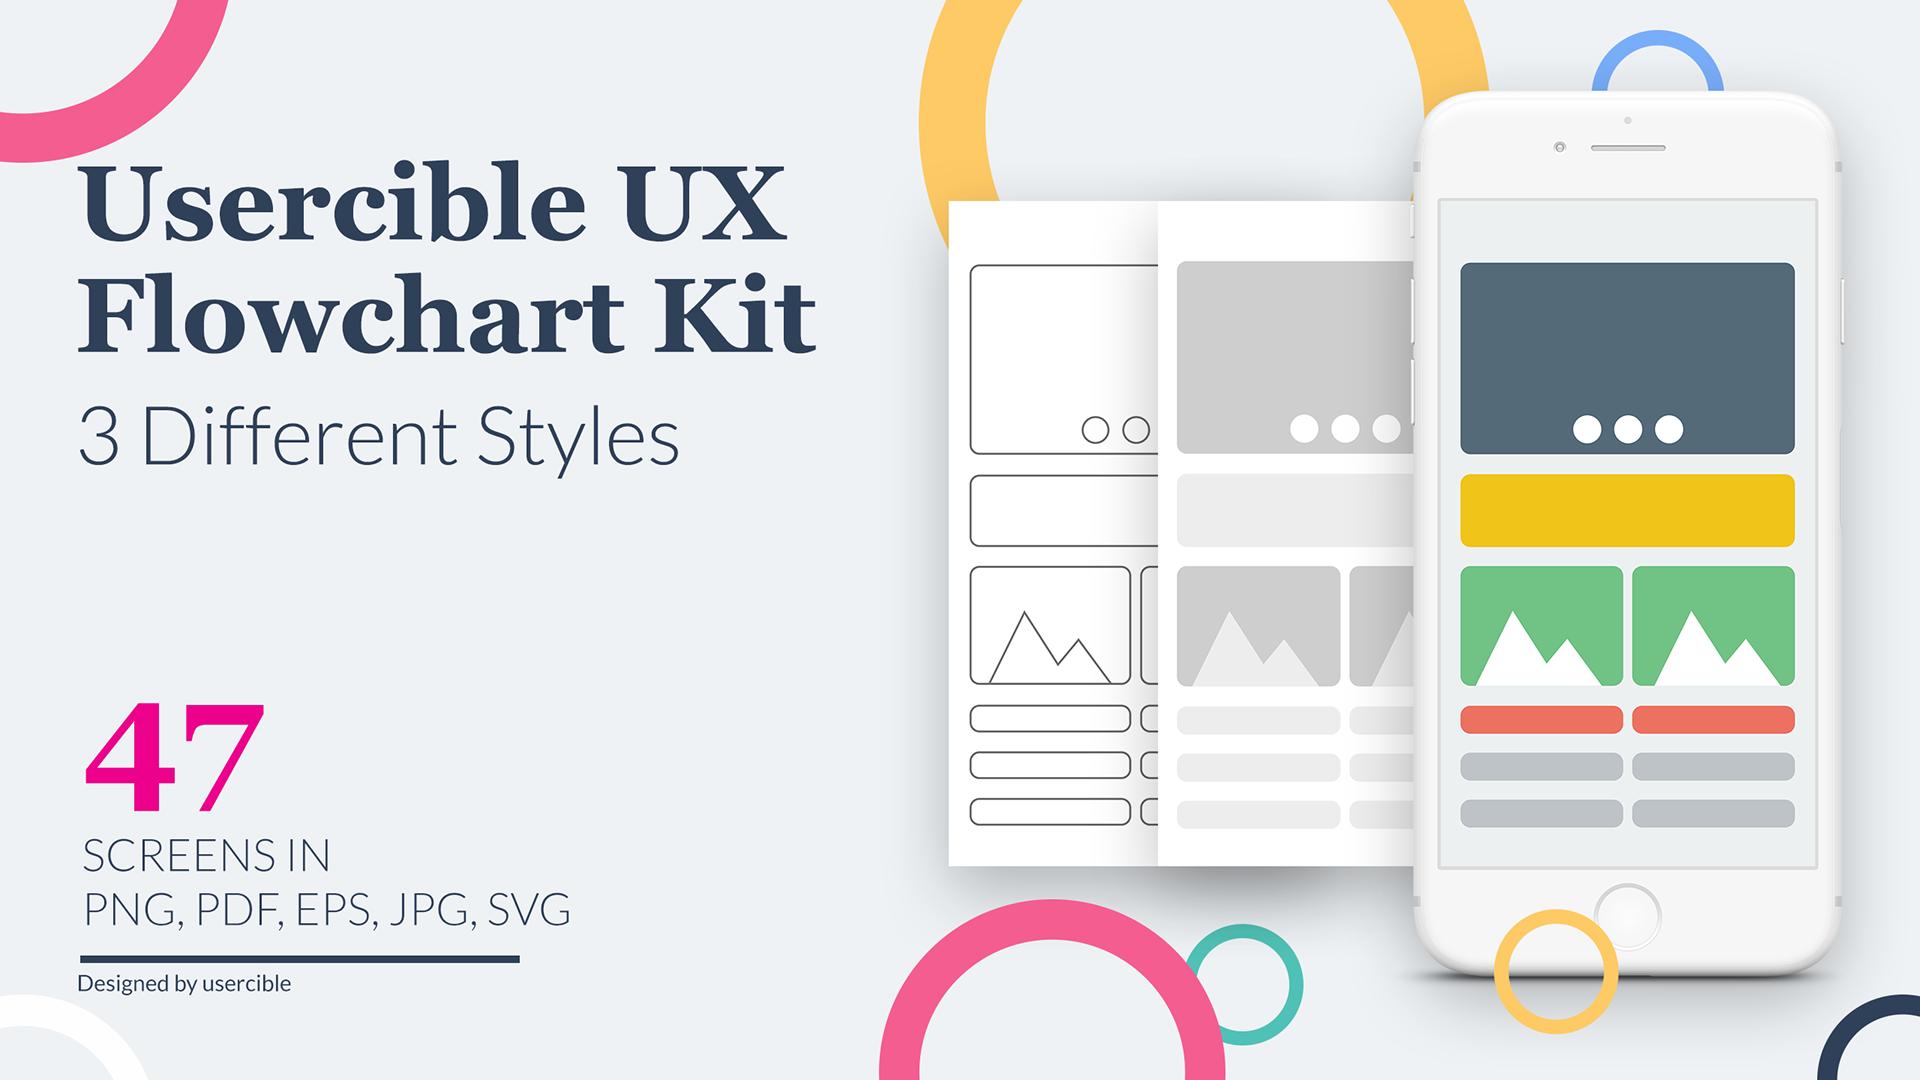 Usercible UX Flowchart Kit on Behance